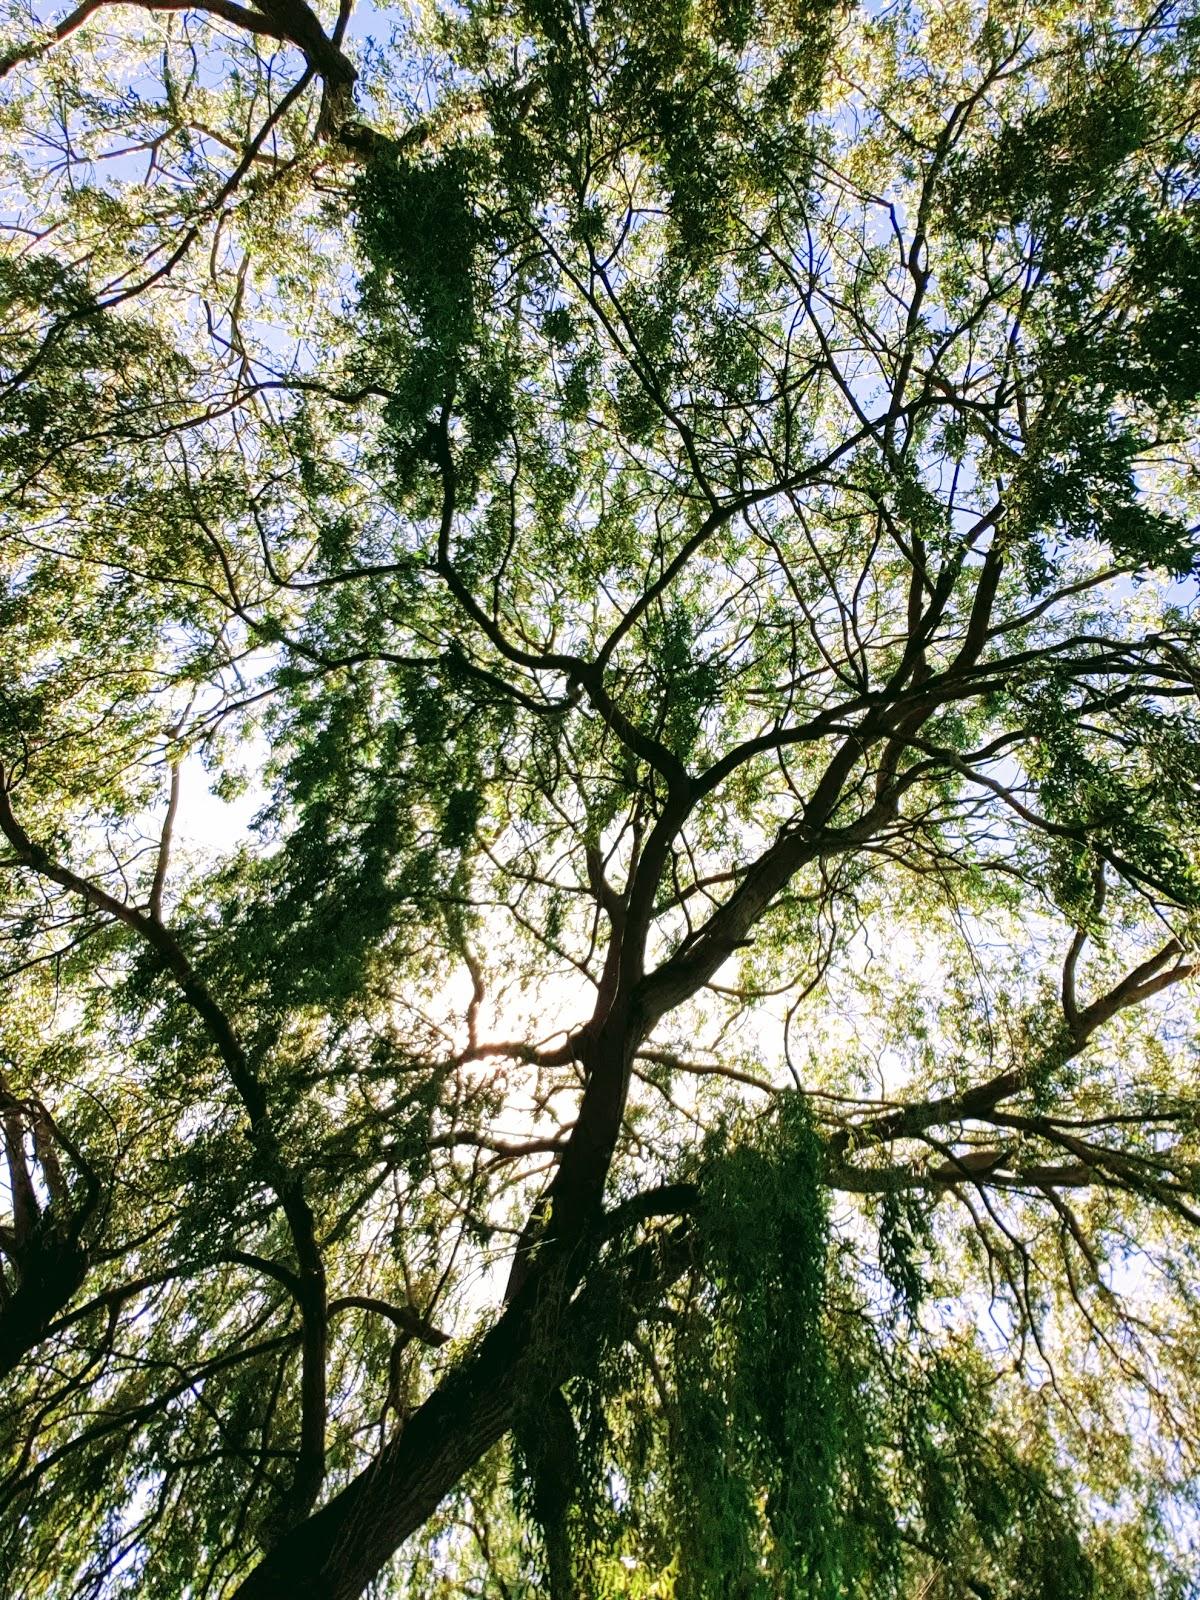 Look up at a tree